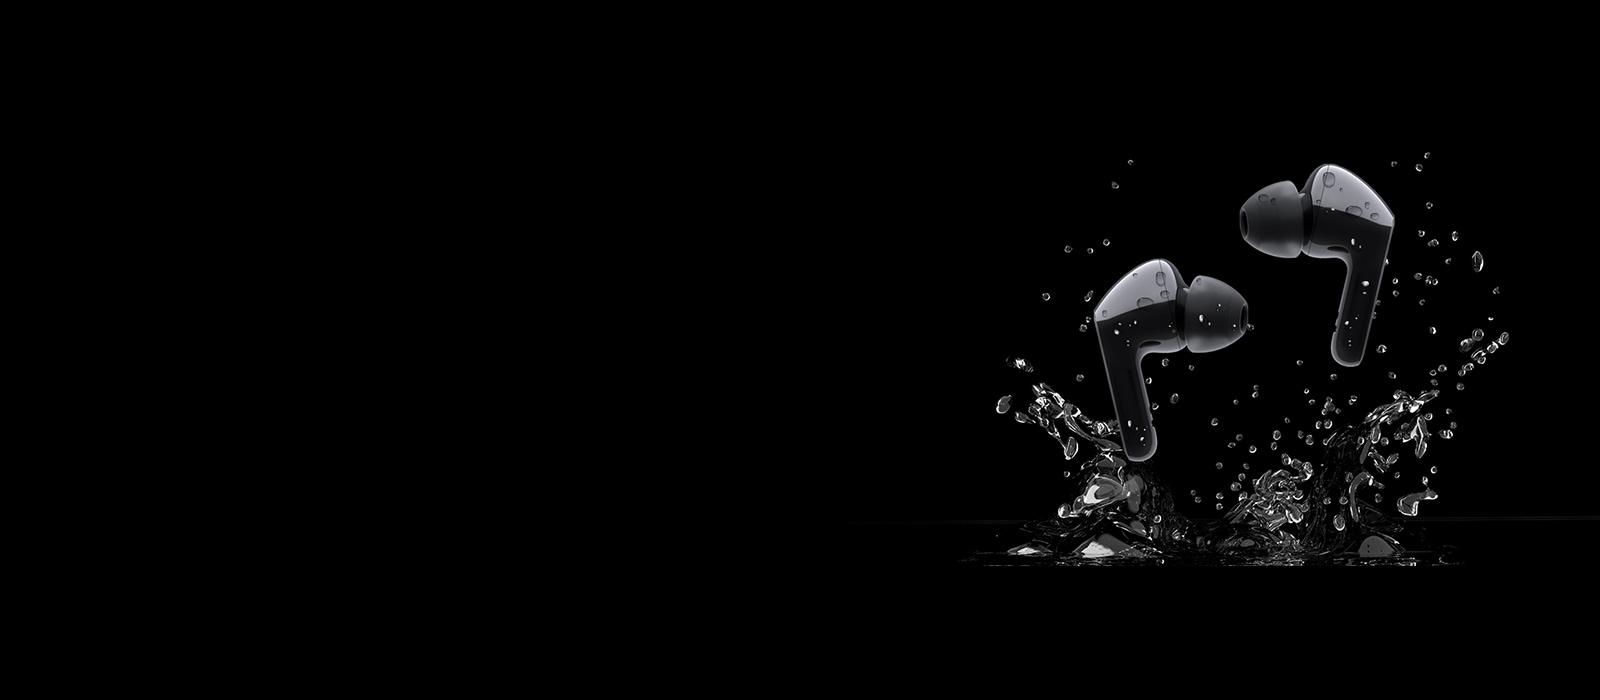 Изображение двух черных наушников в брызгах воды